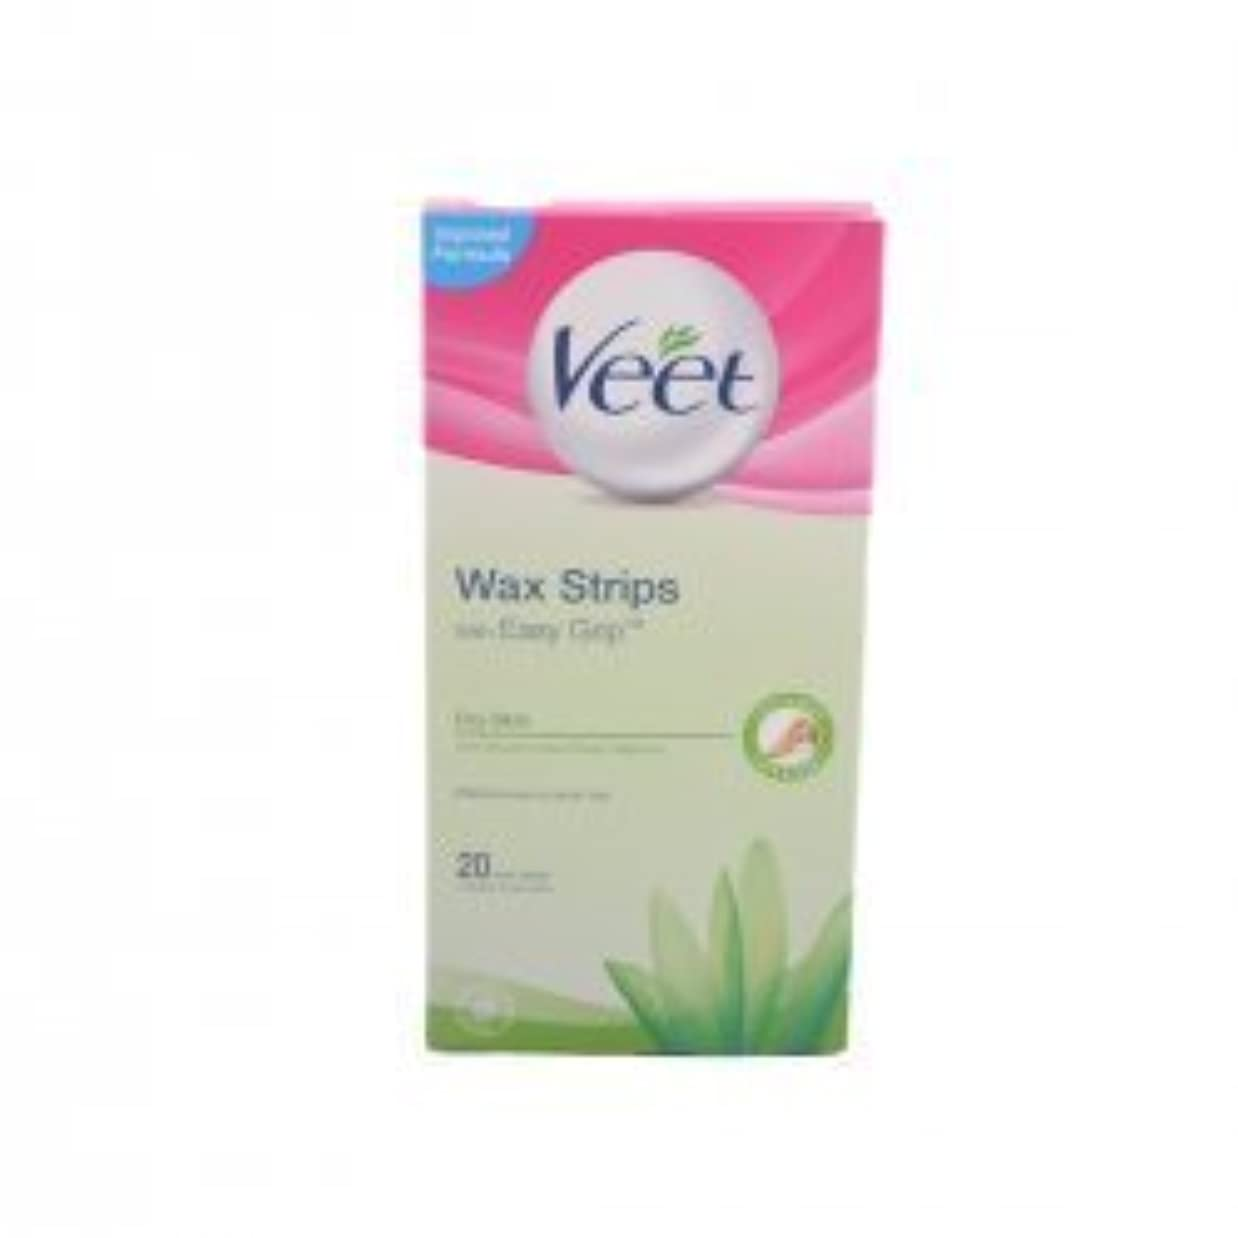 影響を受けやすいです露骨なテストVeet For Men Cold Wax Strips Hair removal strips by Veet [並行輸入品]